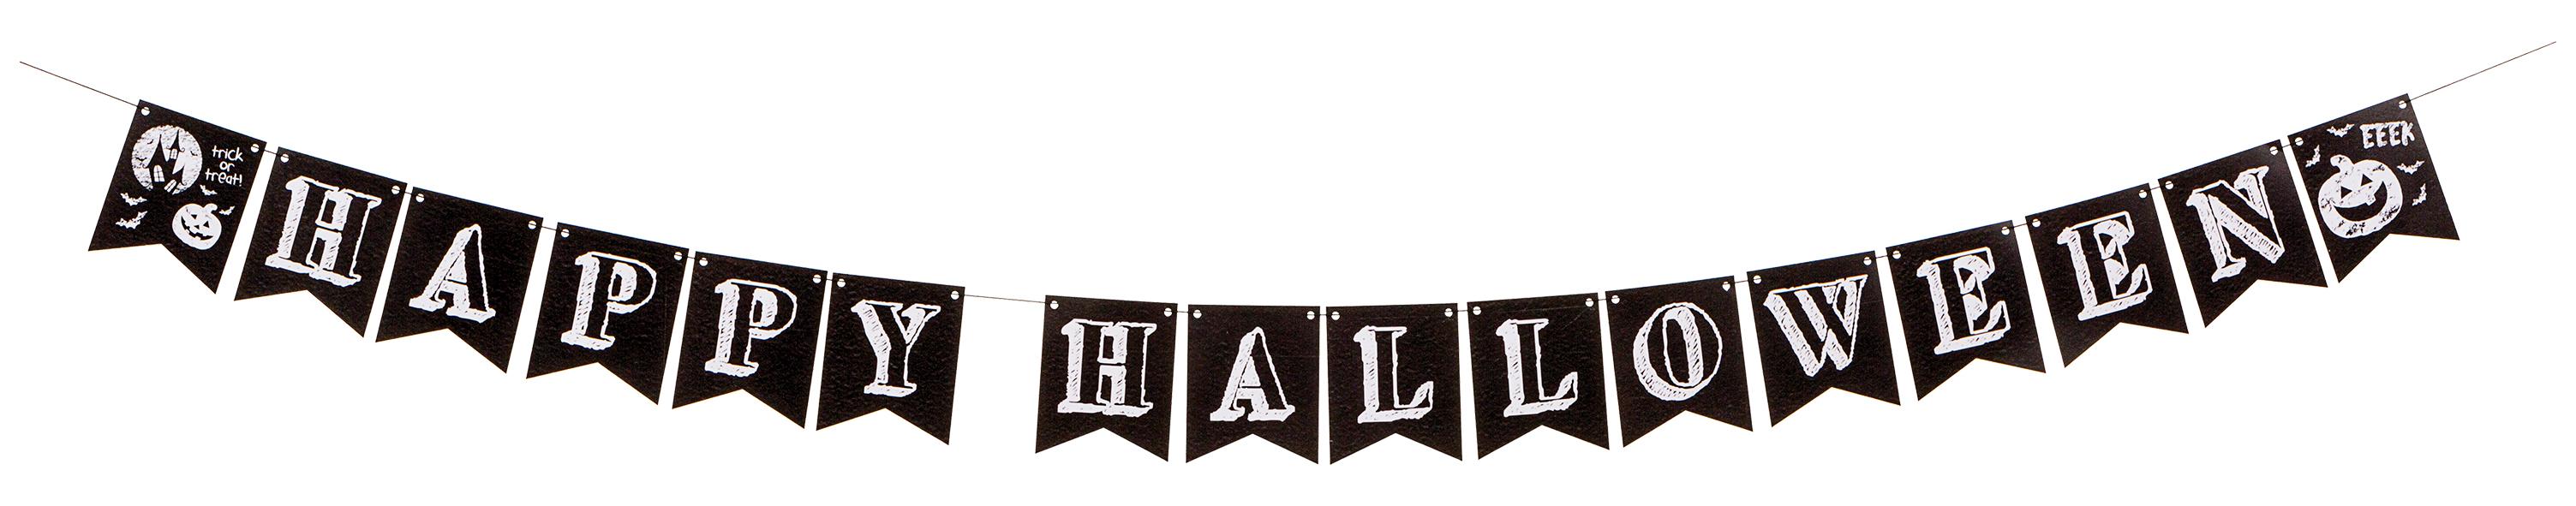 Happy Halloween Girlang